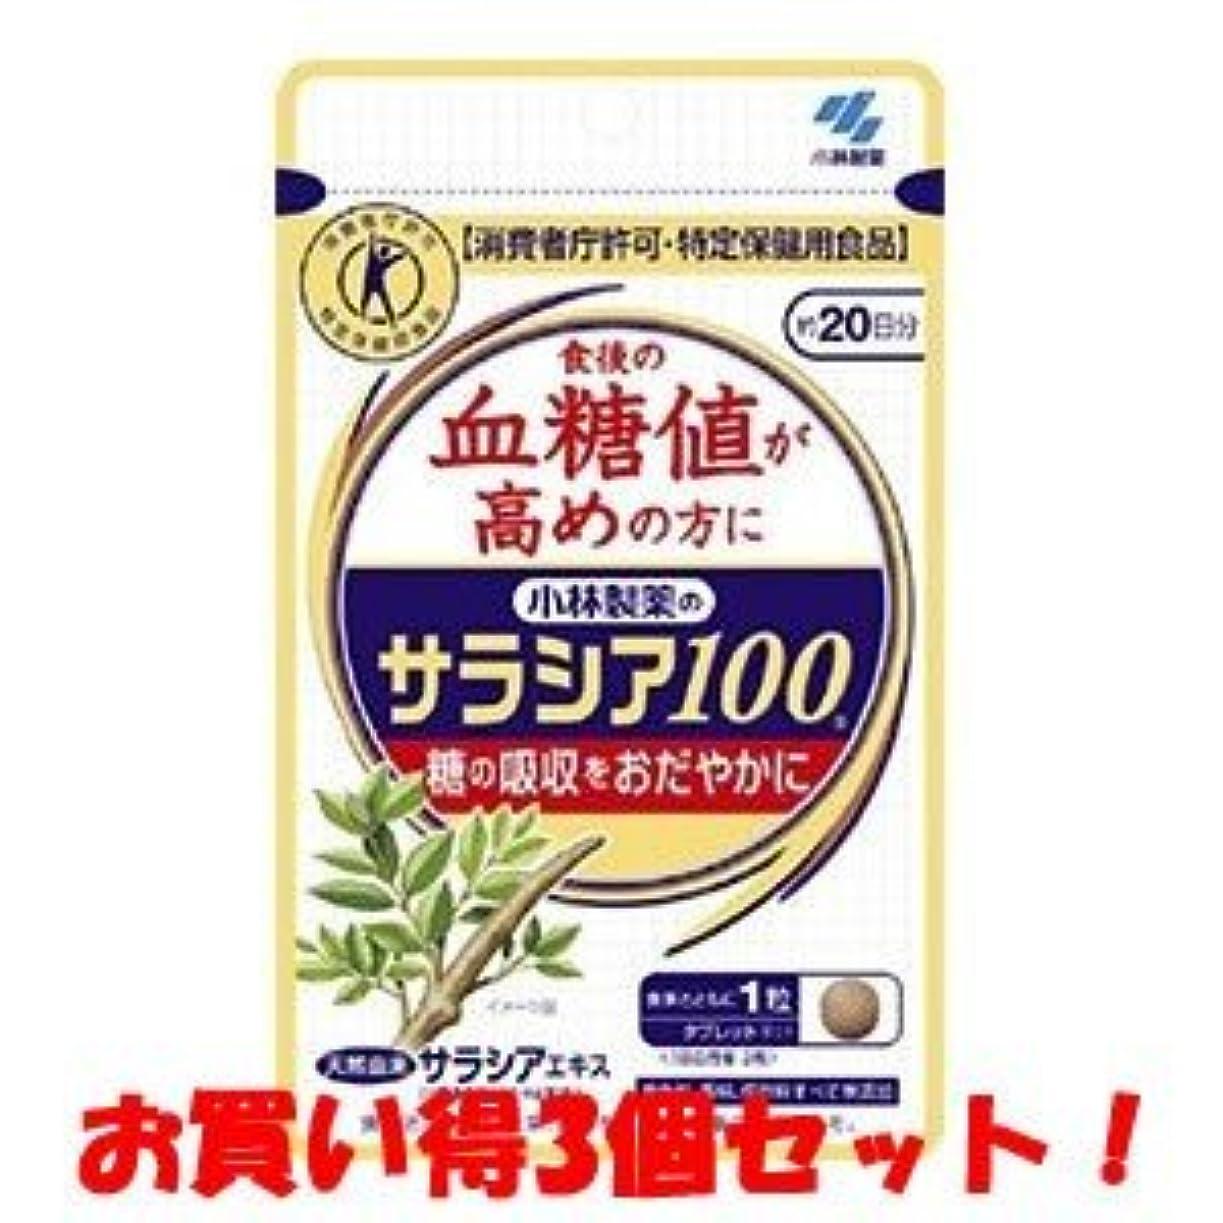 年齢求めるストレッチ(2016年秋の新商品)小林製薬)サラシア100 60粒 (特定保健用食品)(お買い得3個セット)